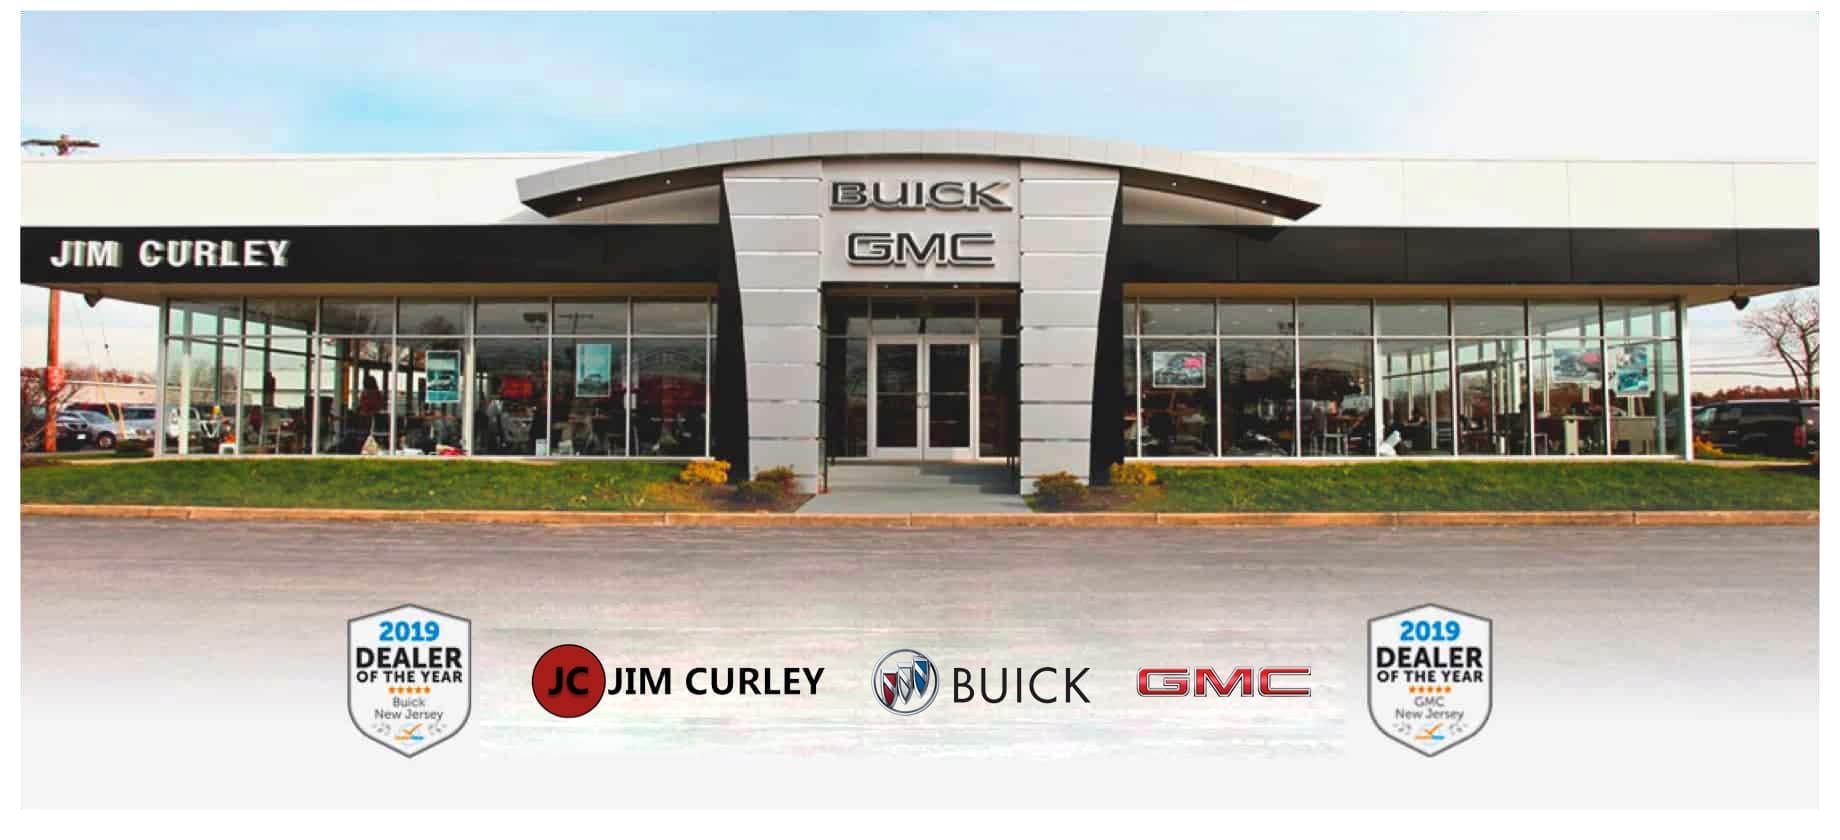 An exterior shot of a Buick GMC dealership.